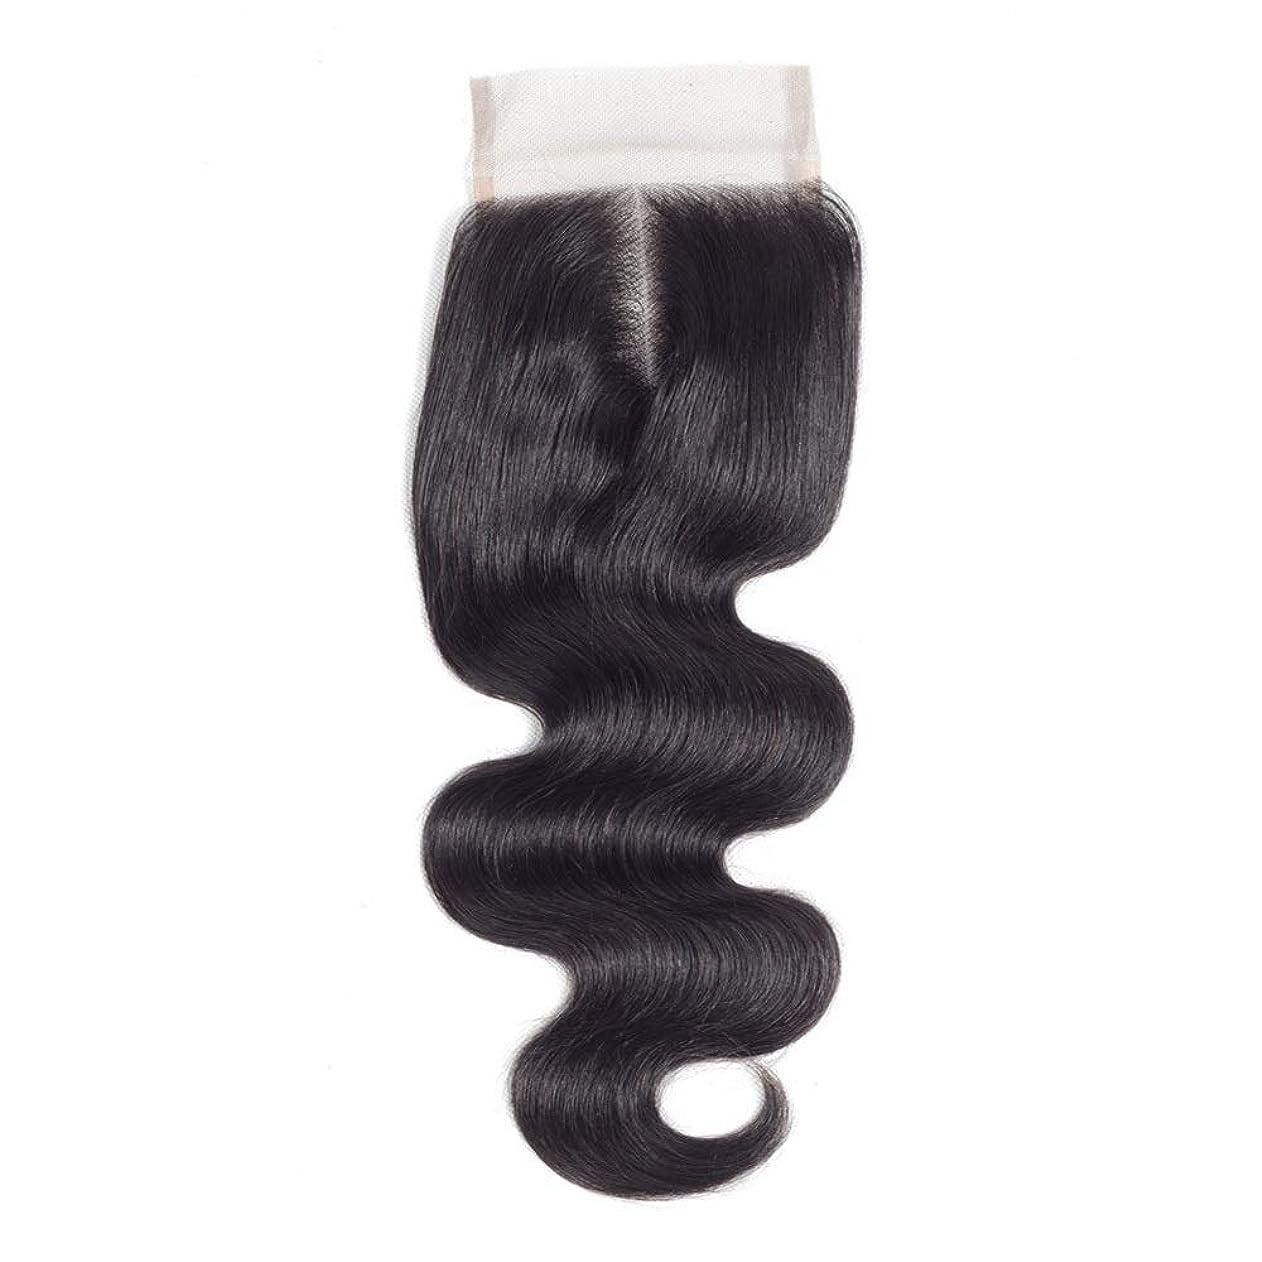 浸す代わりに寸法YESONEEP ブラジルの実体波女性のリアルヘア4x4レース前頭閉鎖中間(8インチ-20インチ)ロングカーリーウィッグビッグウェーブウィッグ (色 : 黒, サイズ : 16 inch)